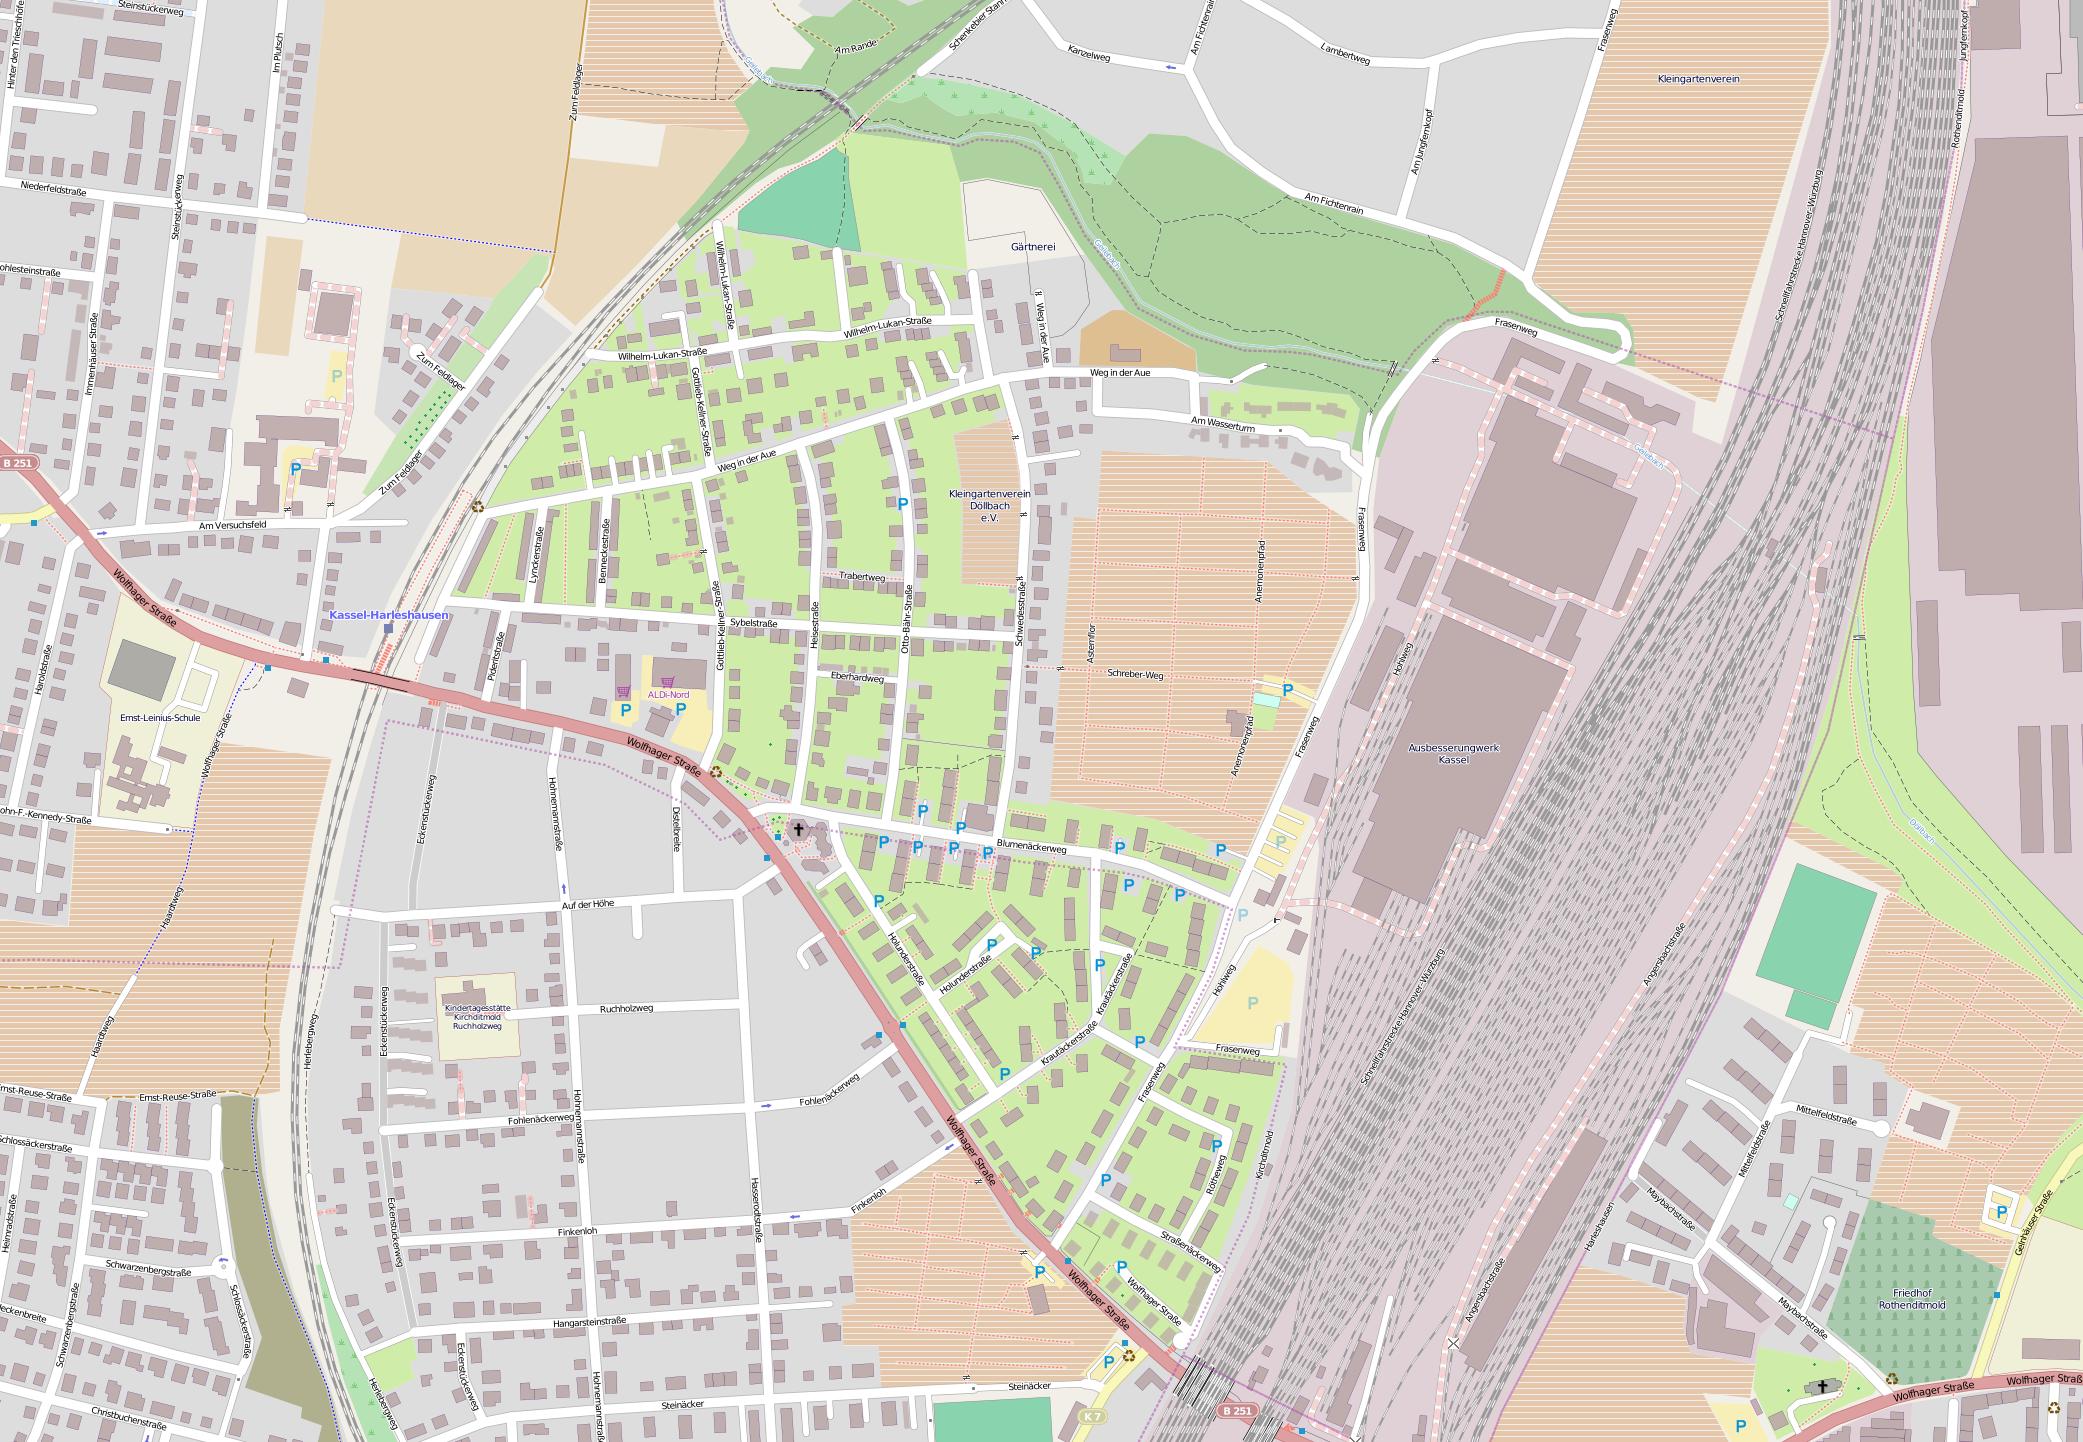 Openstreetmap: Zum Hopfengärtchen, Am Frasenweg 25A